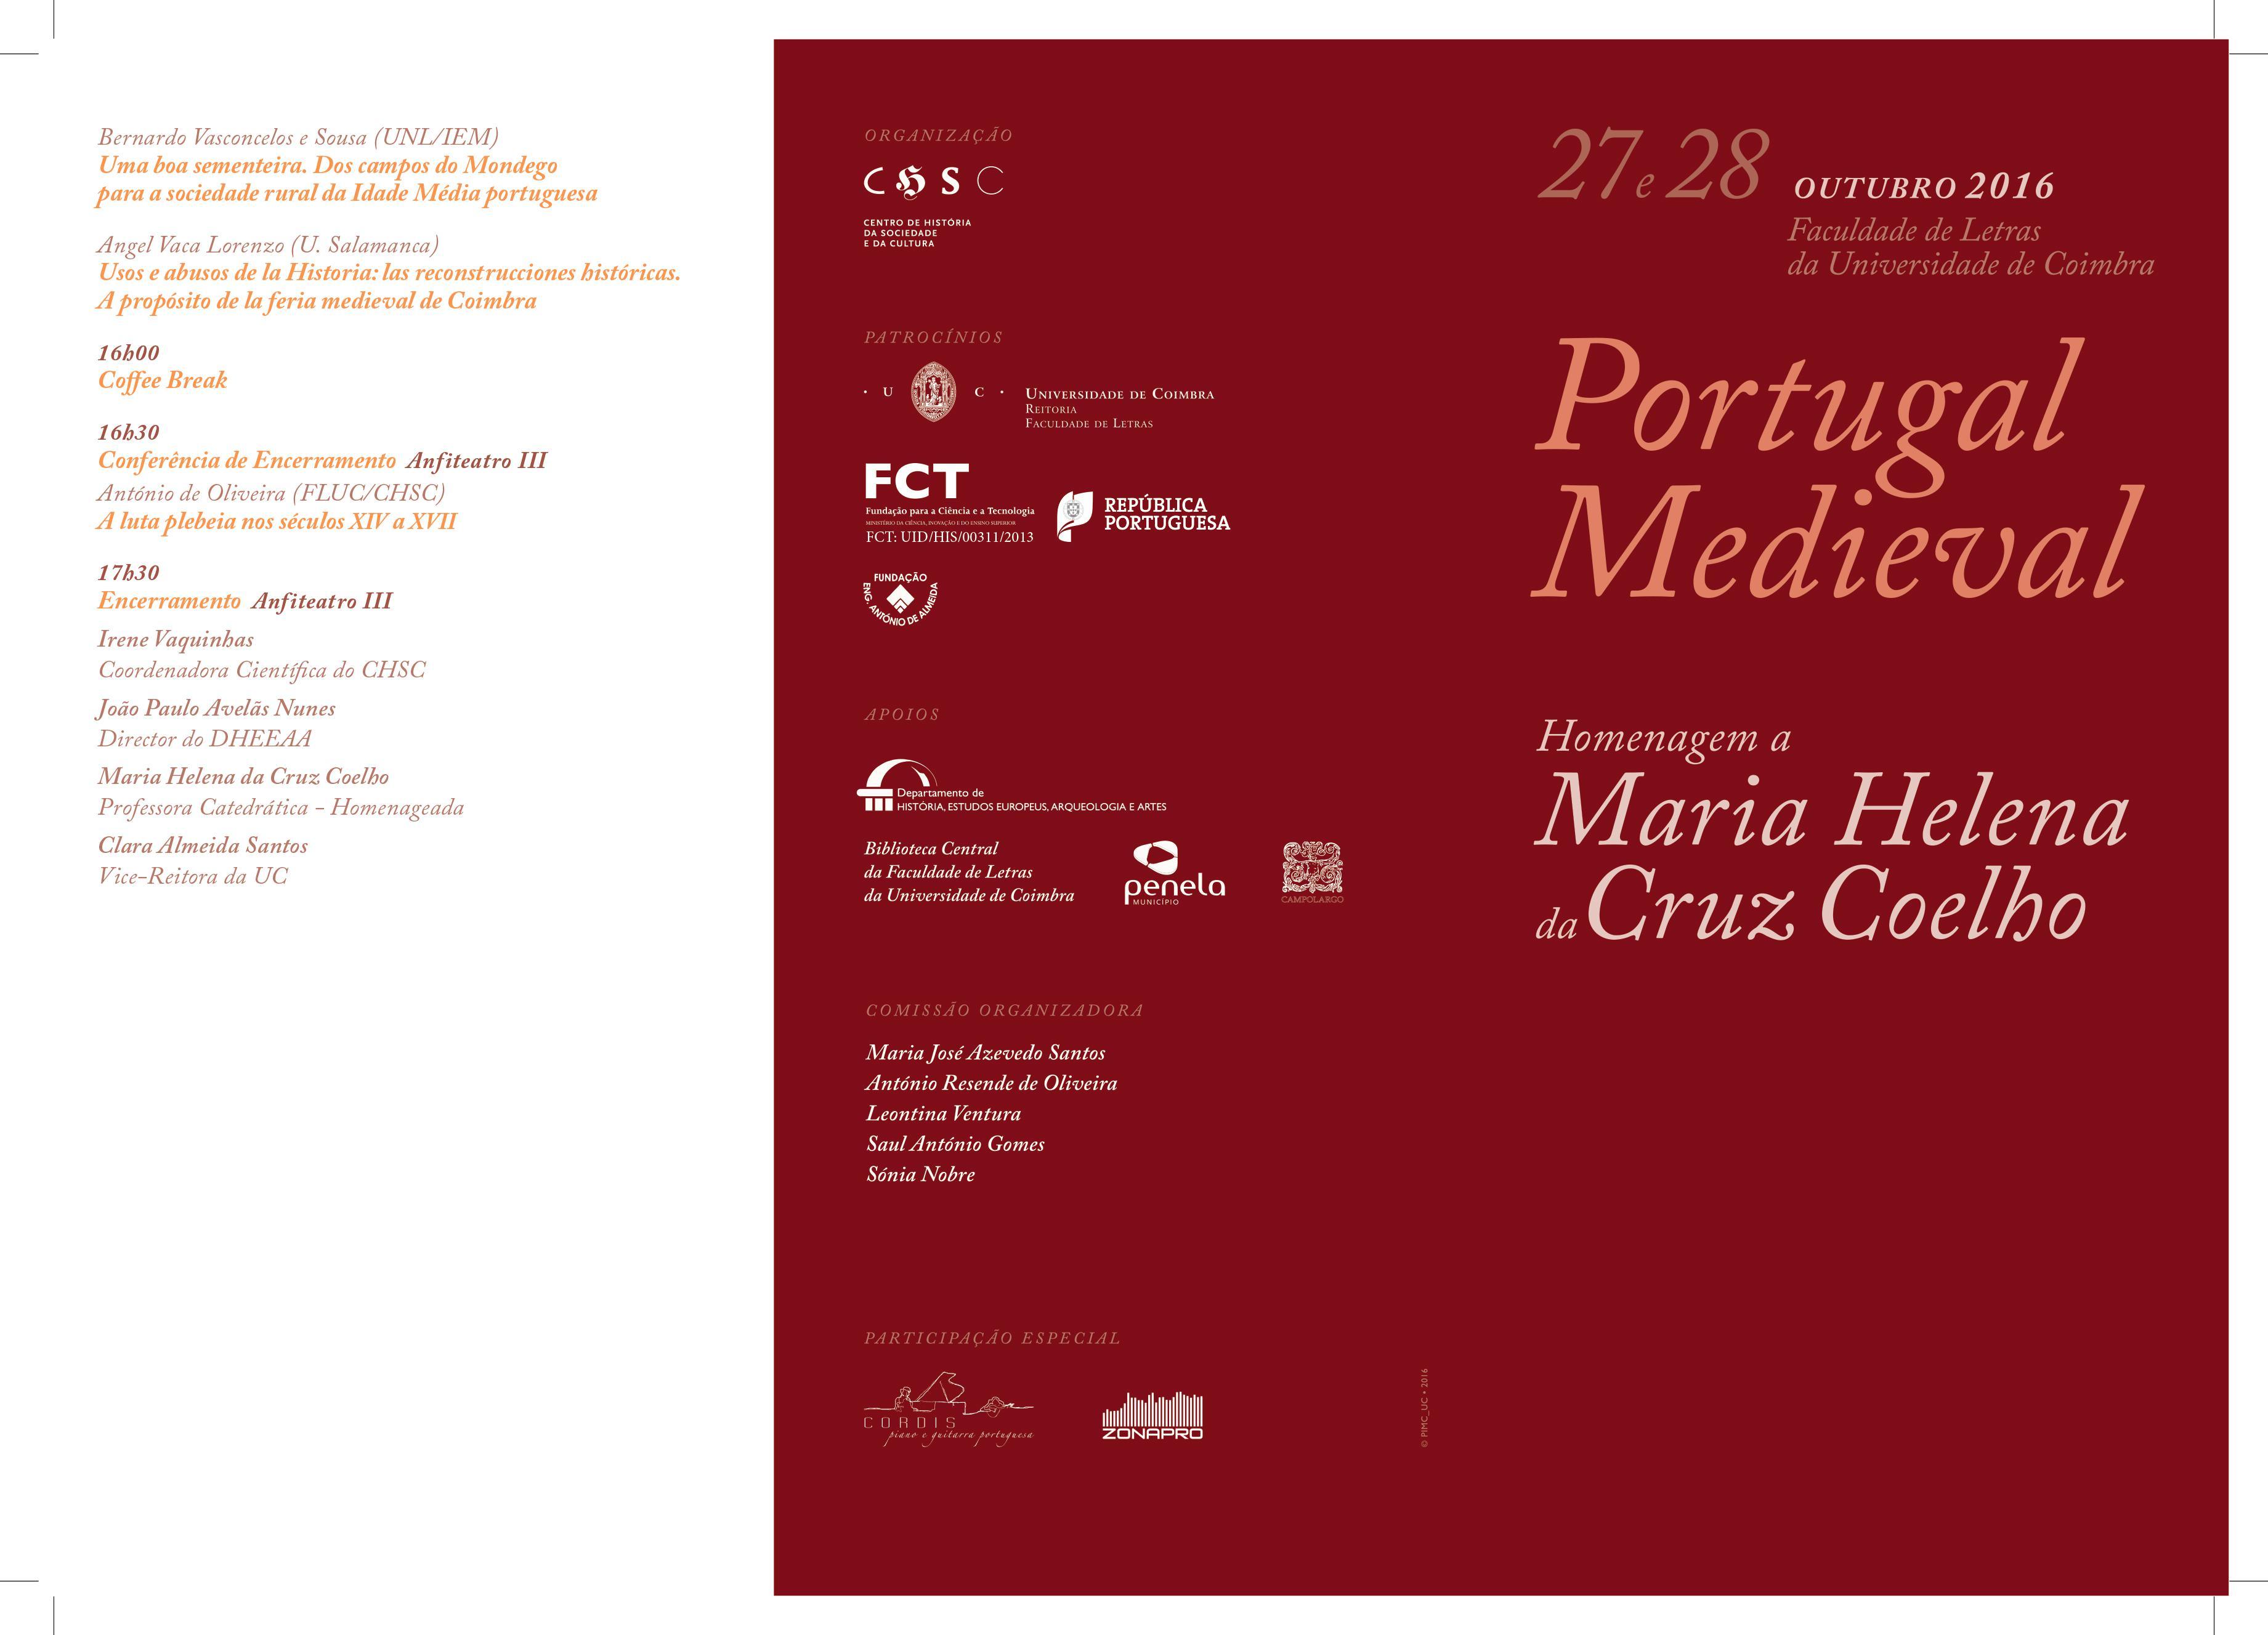 Portugal Medieval. Homenagem a Maria Helena da Cruz Coelho